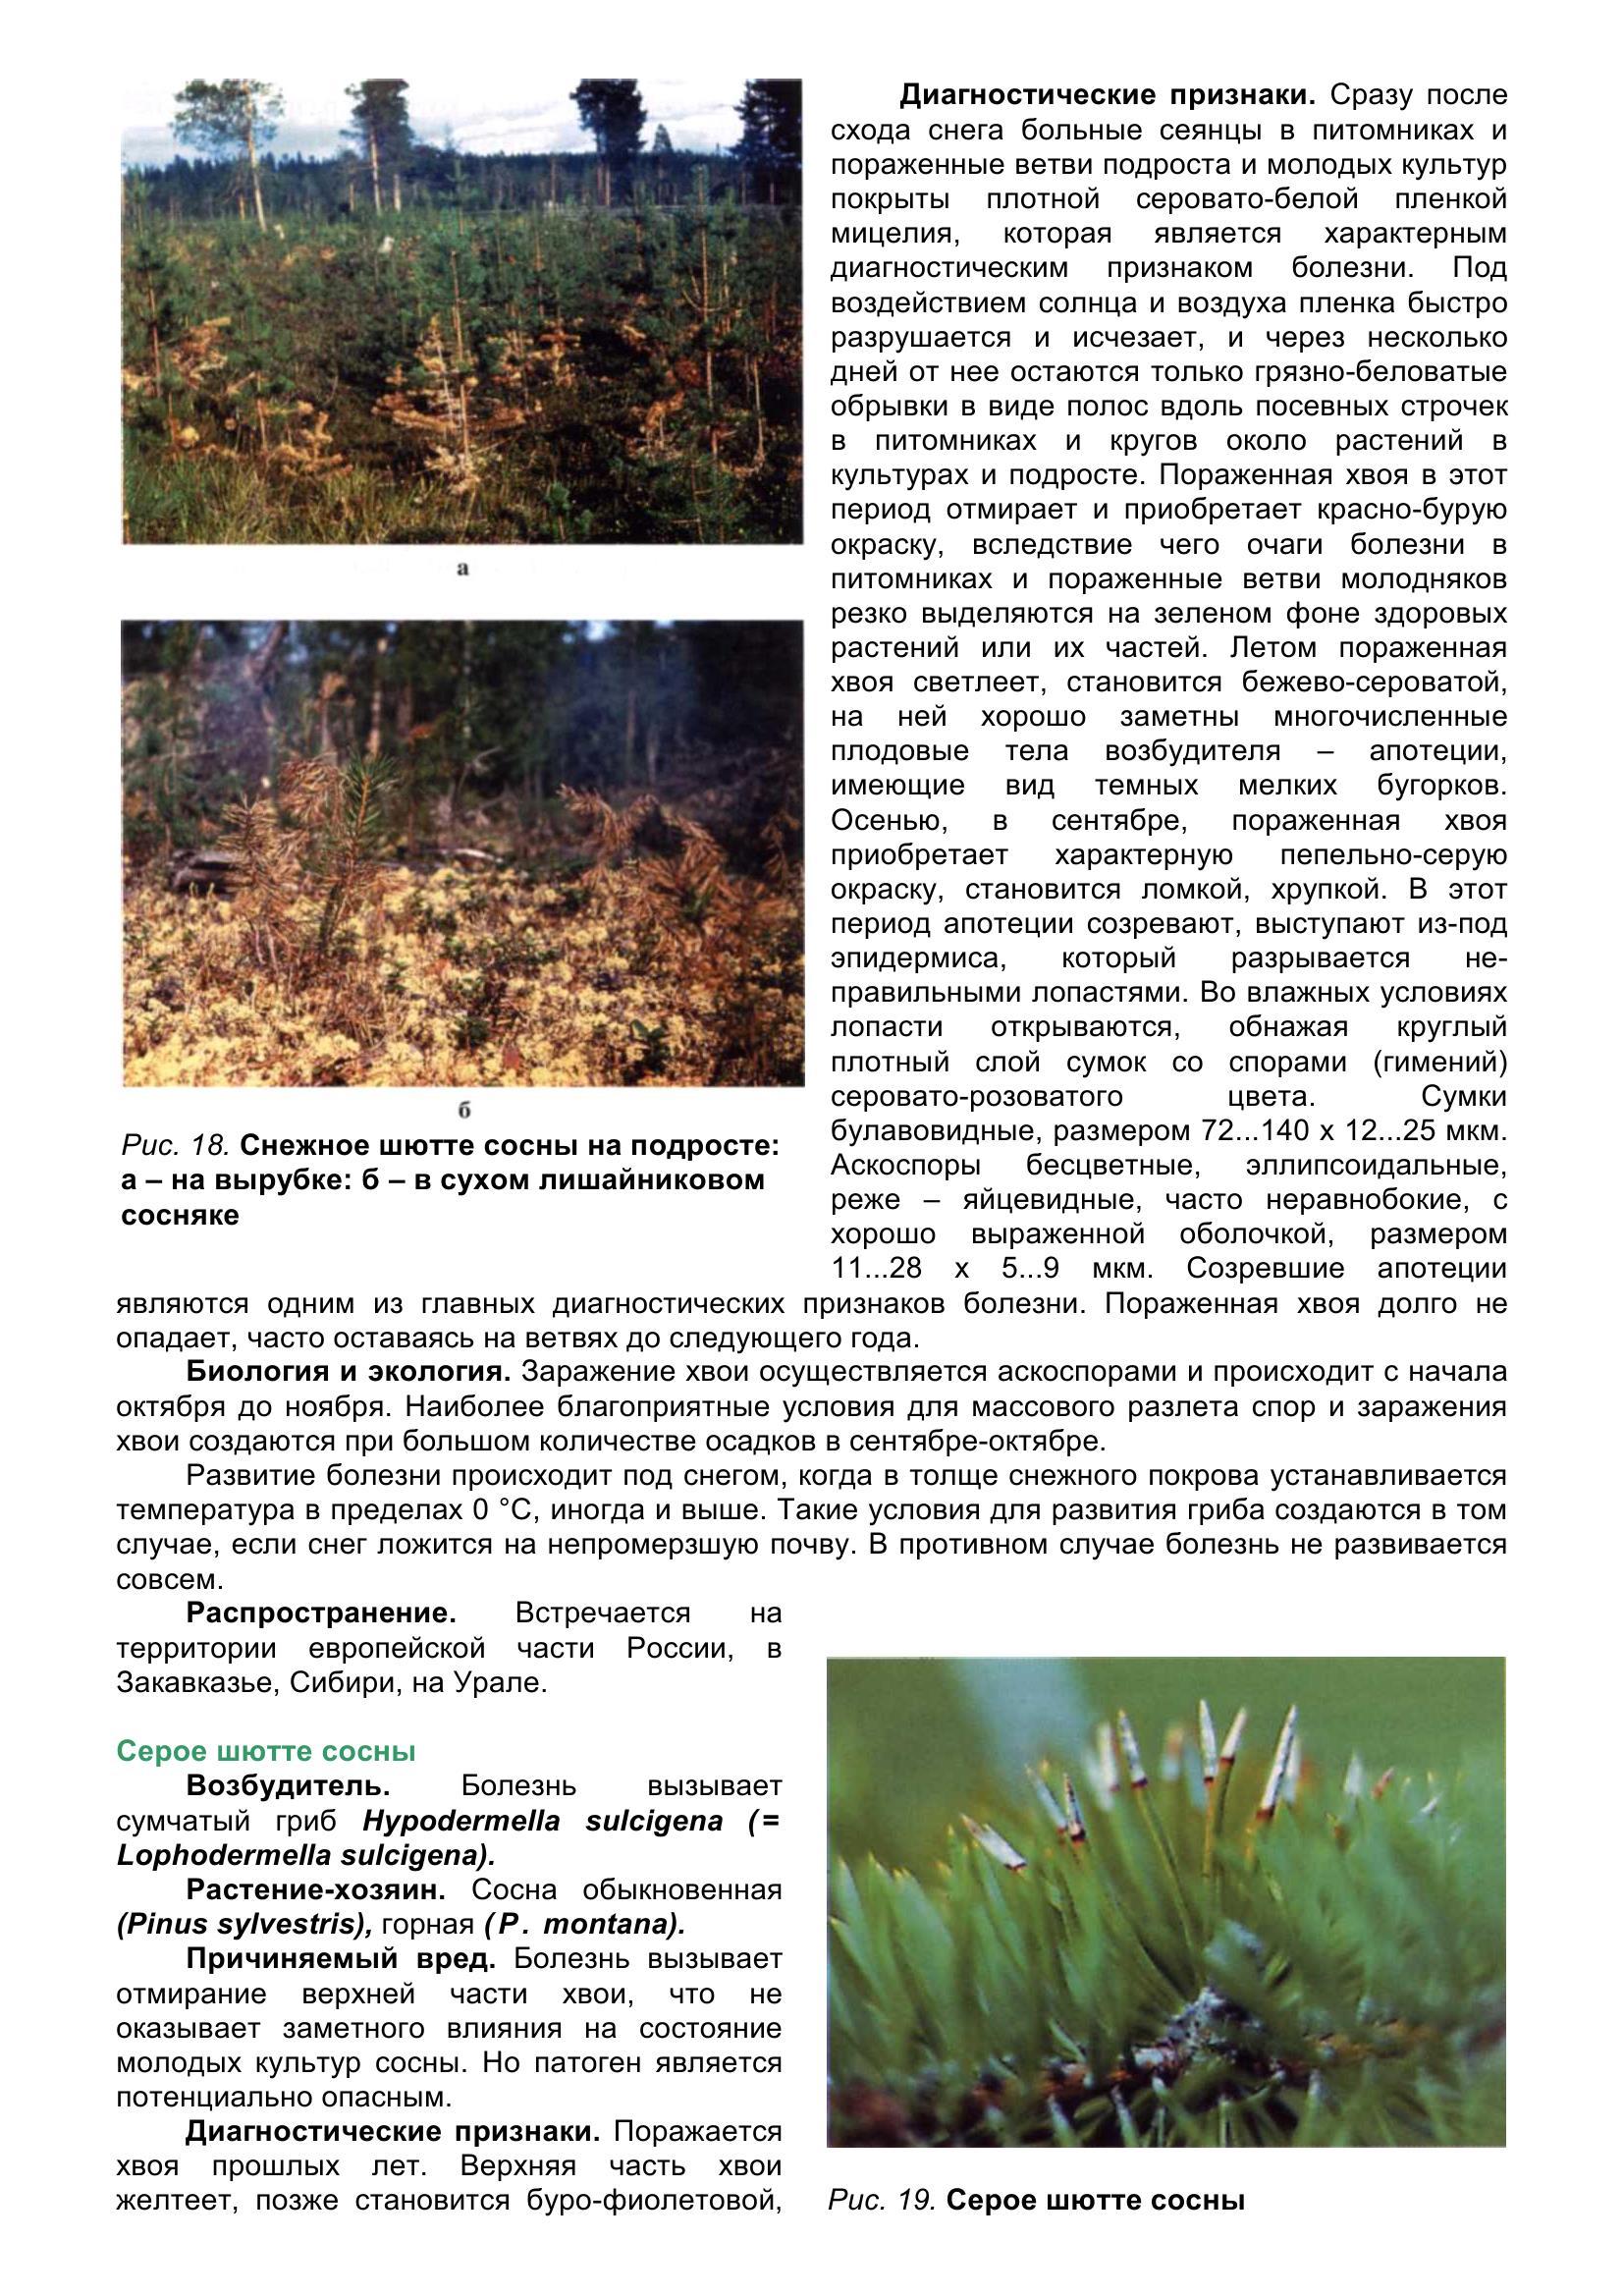 Болезни_древесных_растений_039.jpg